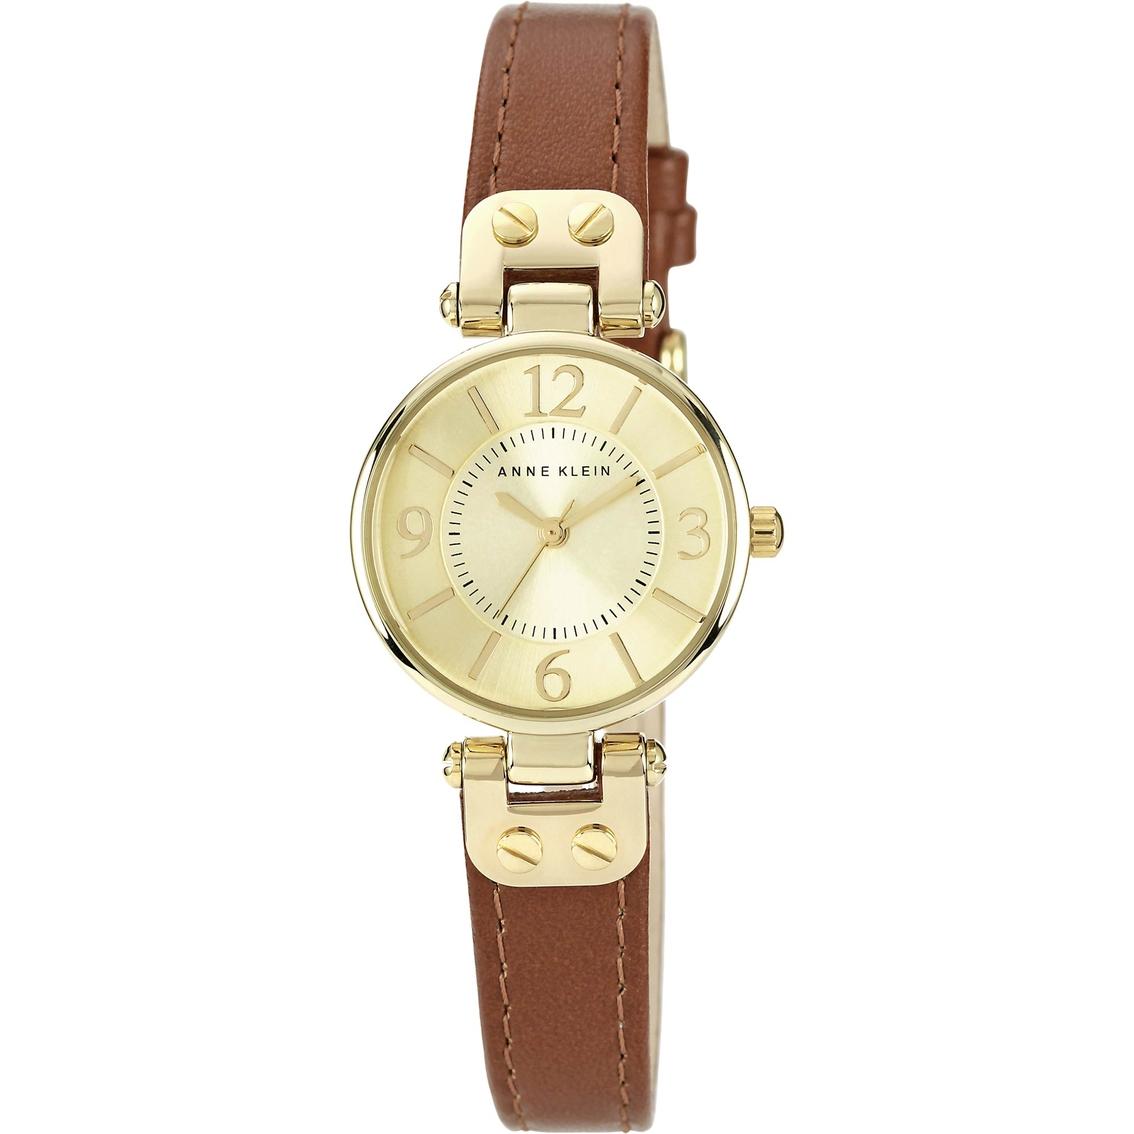 Anne klein women 39 s leather strap watch 26mm 10 9442rglp leather band jewelry watches for Anne klein leather strap